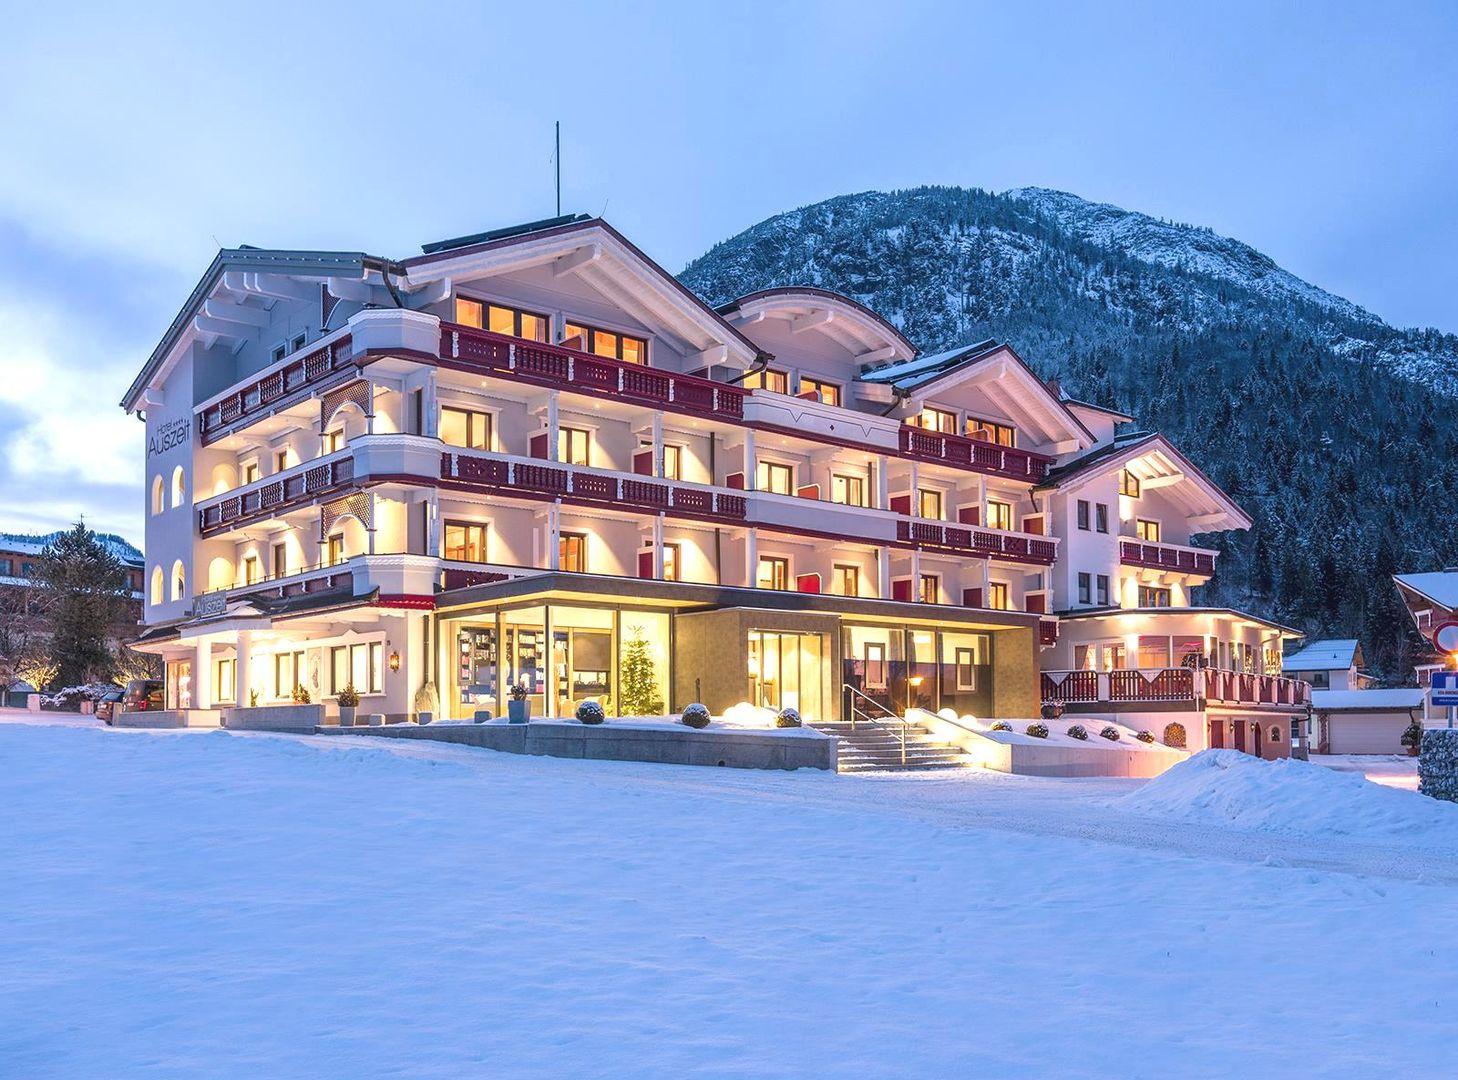 Hotel Garni Auszeit - Slide 1